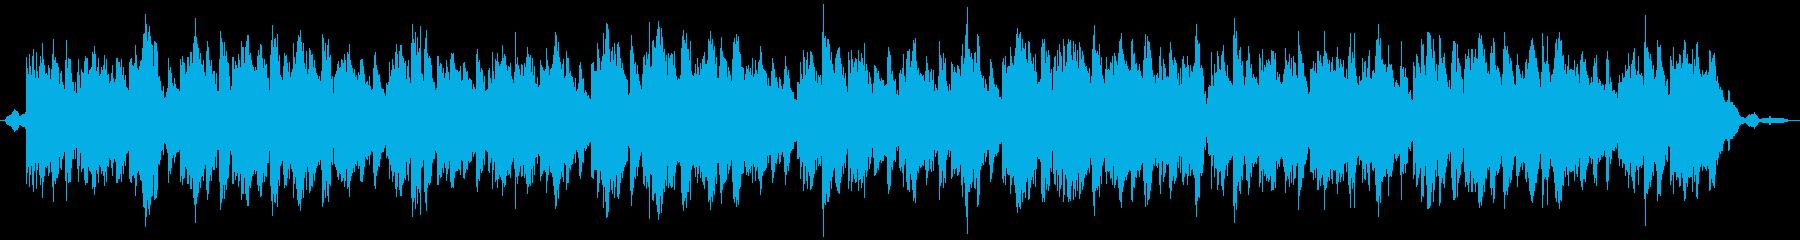 ヨガや瞑想・海の波音(エレキ・シンセ)の再生済みの波形